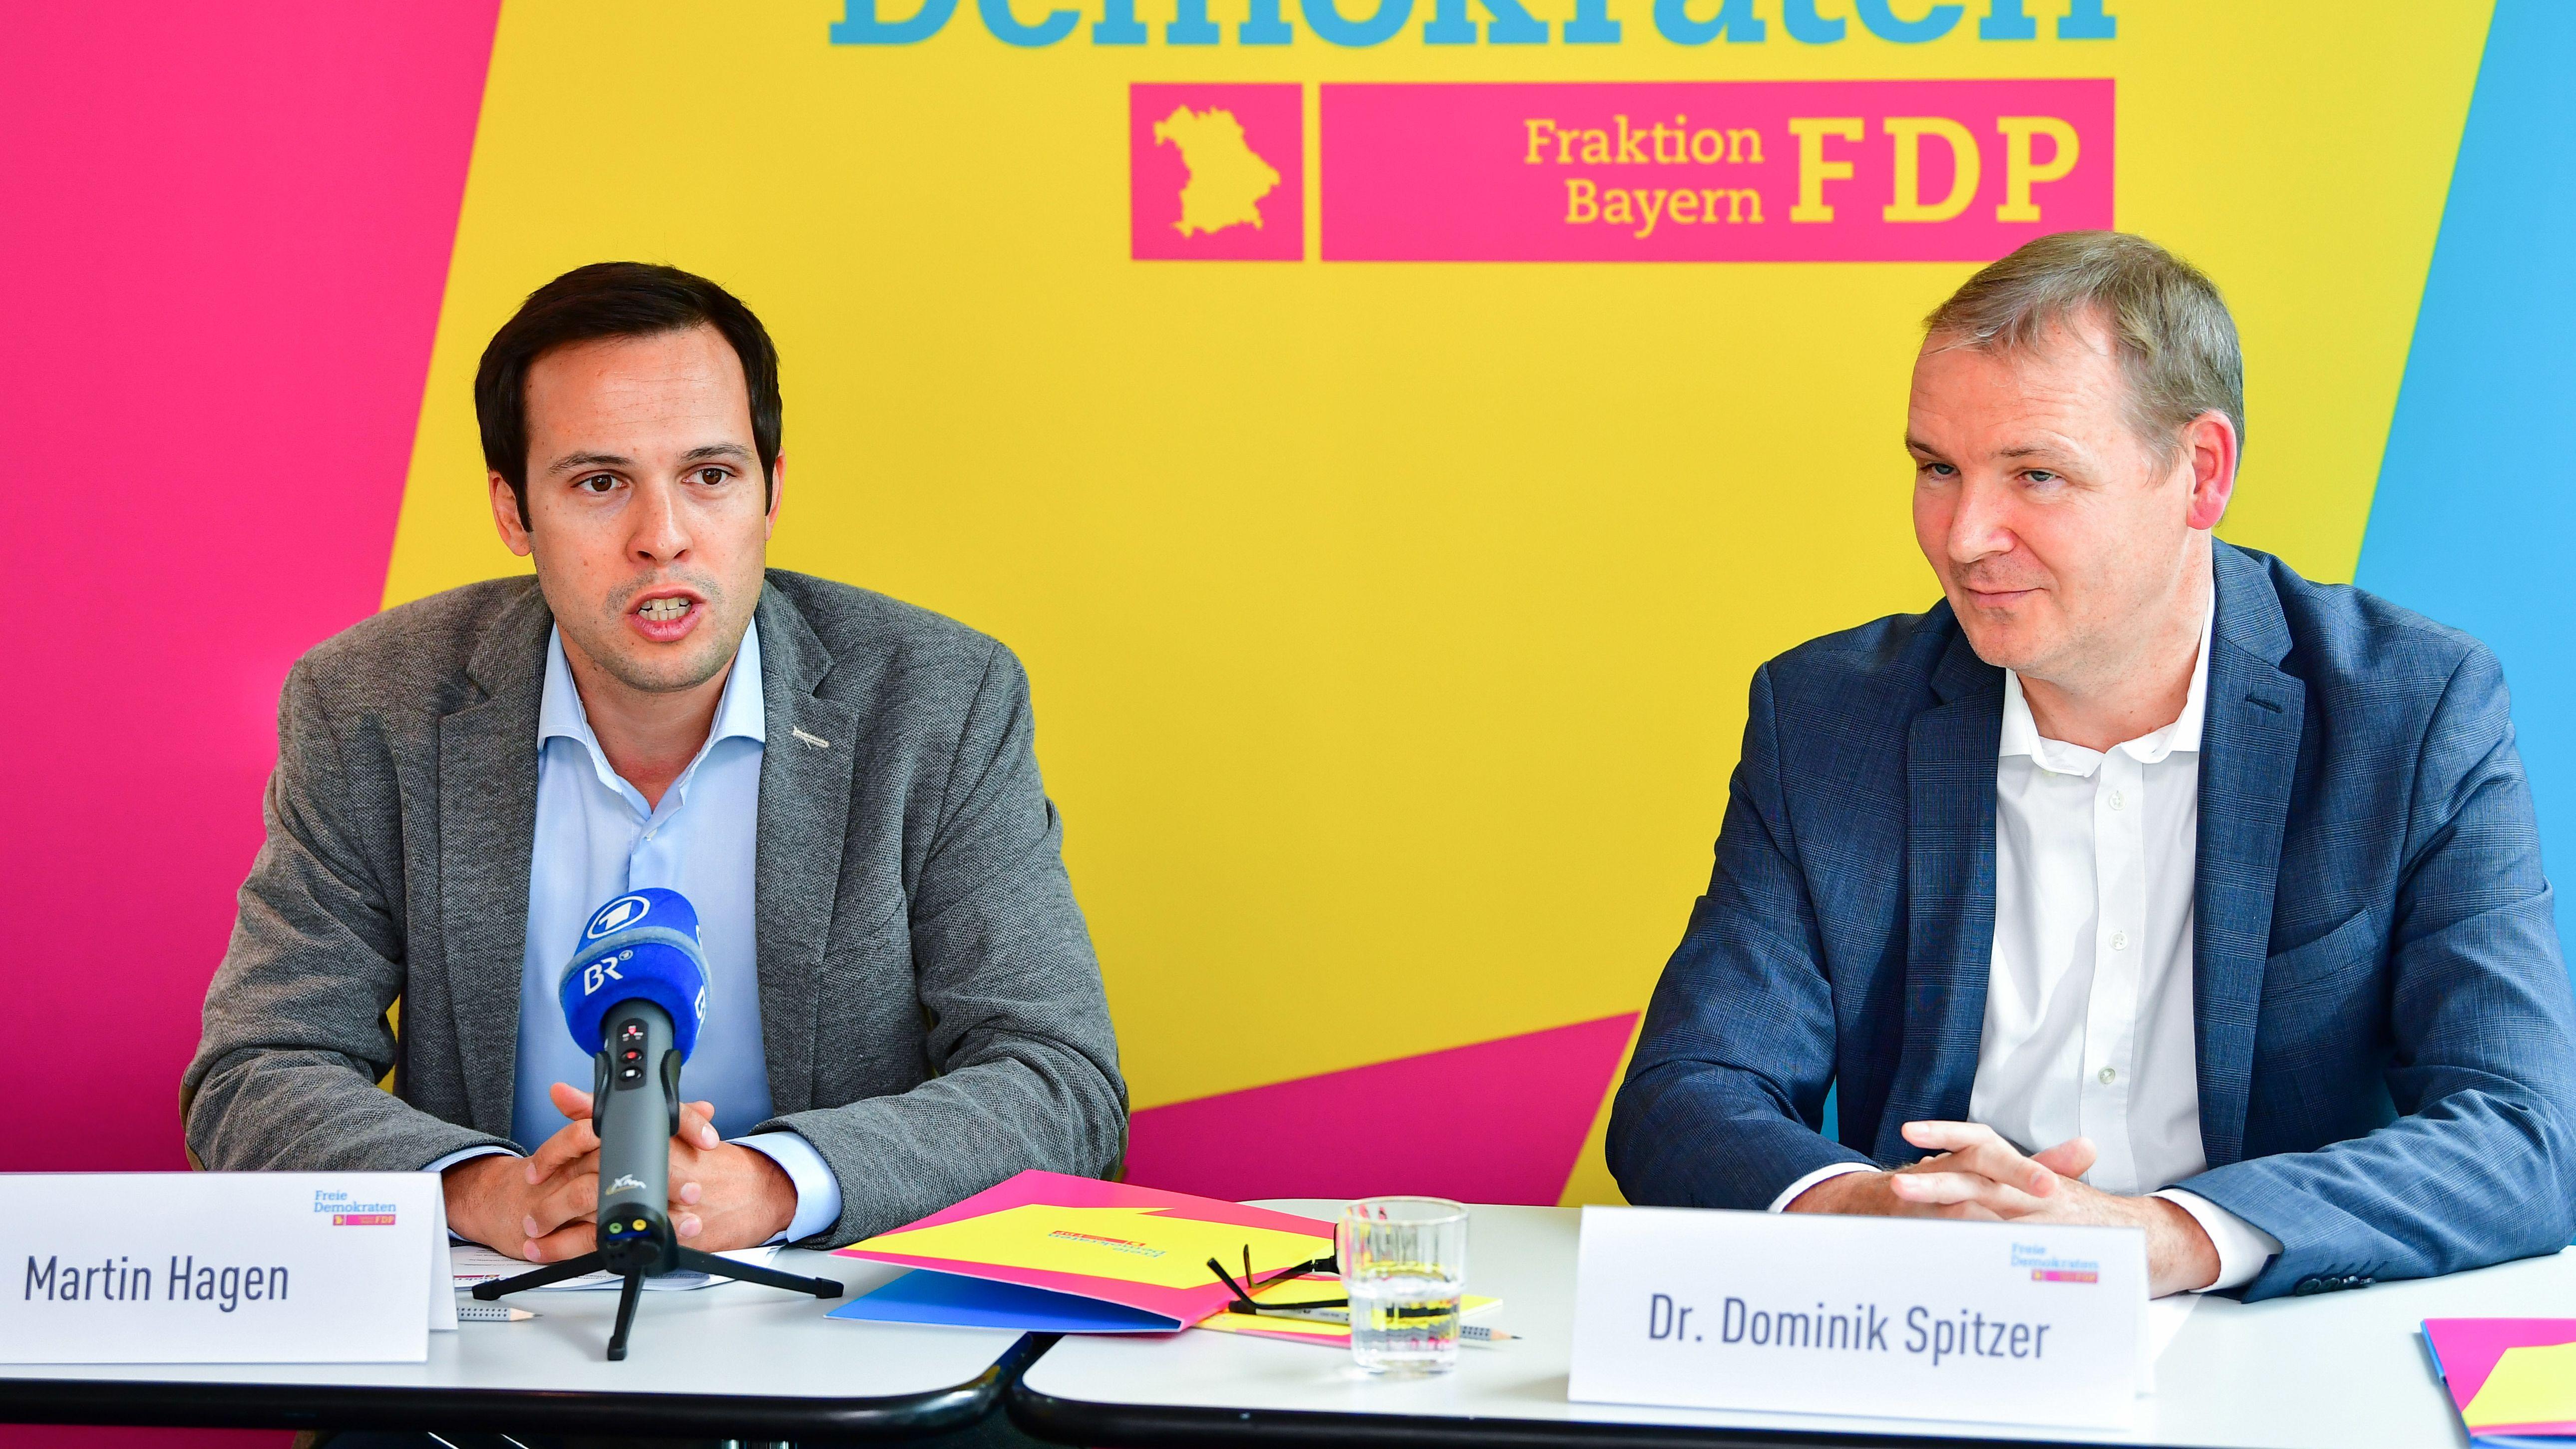 FDP-Fraktionschef Martin Hagen (l.) und Dominik Spitzer, in der Fraktion zuständig für Gesundheit und Pflege, bei der Klausurtagung in Bamberg